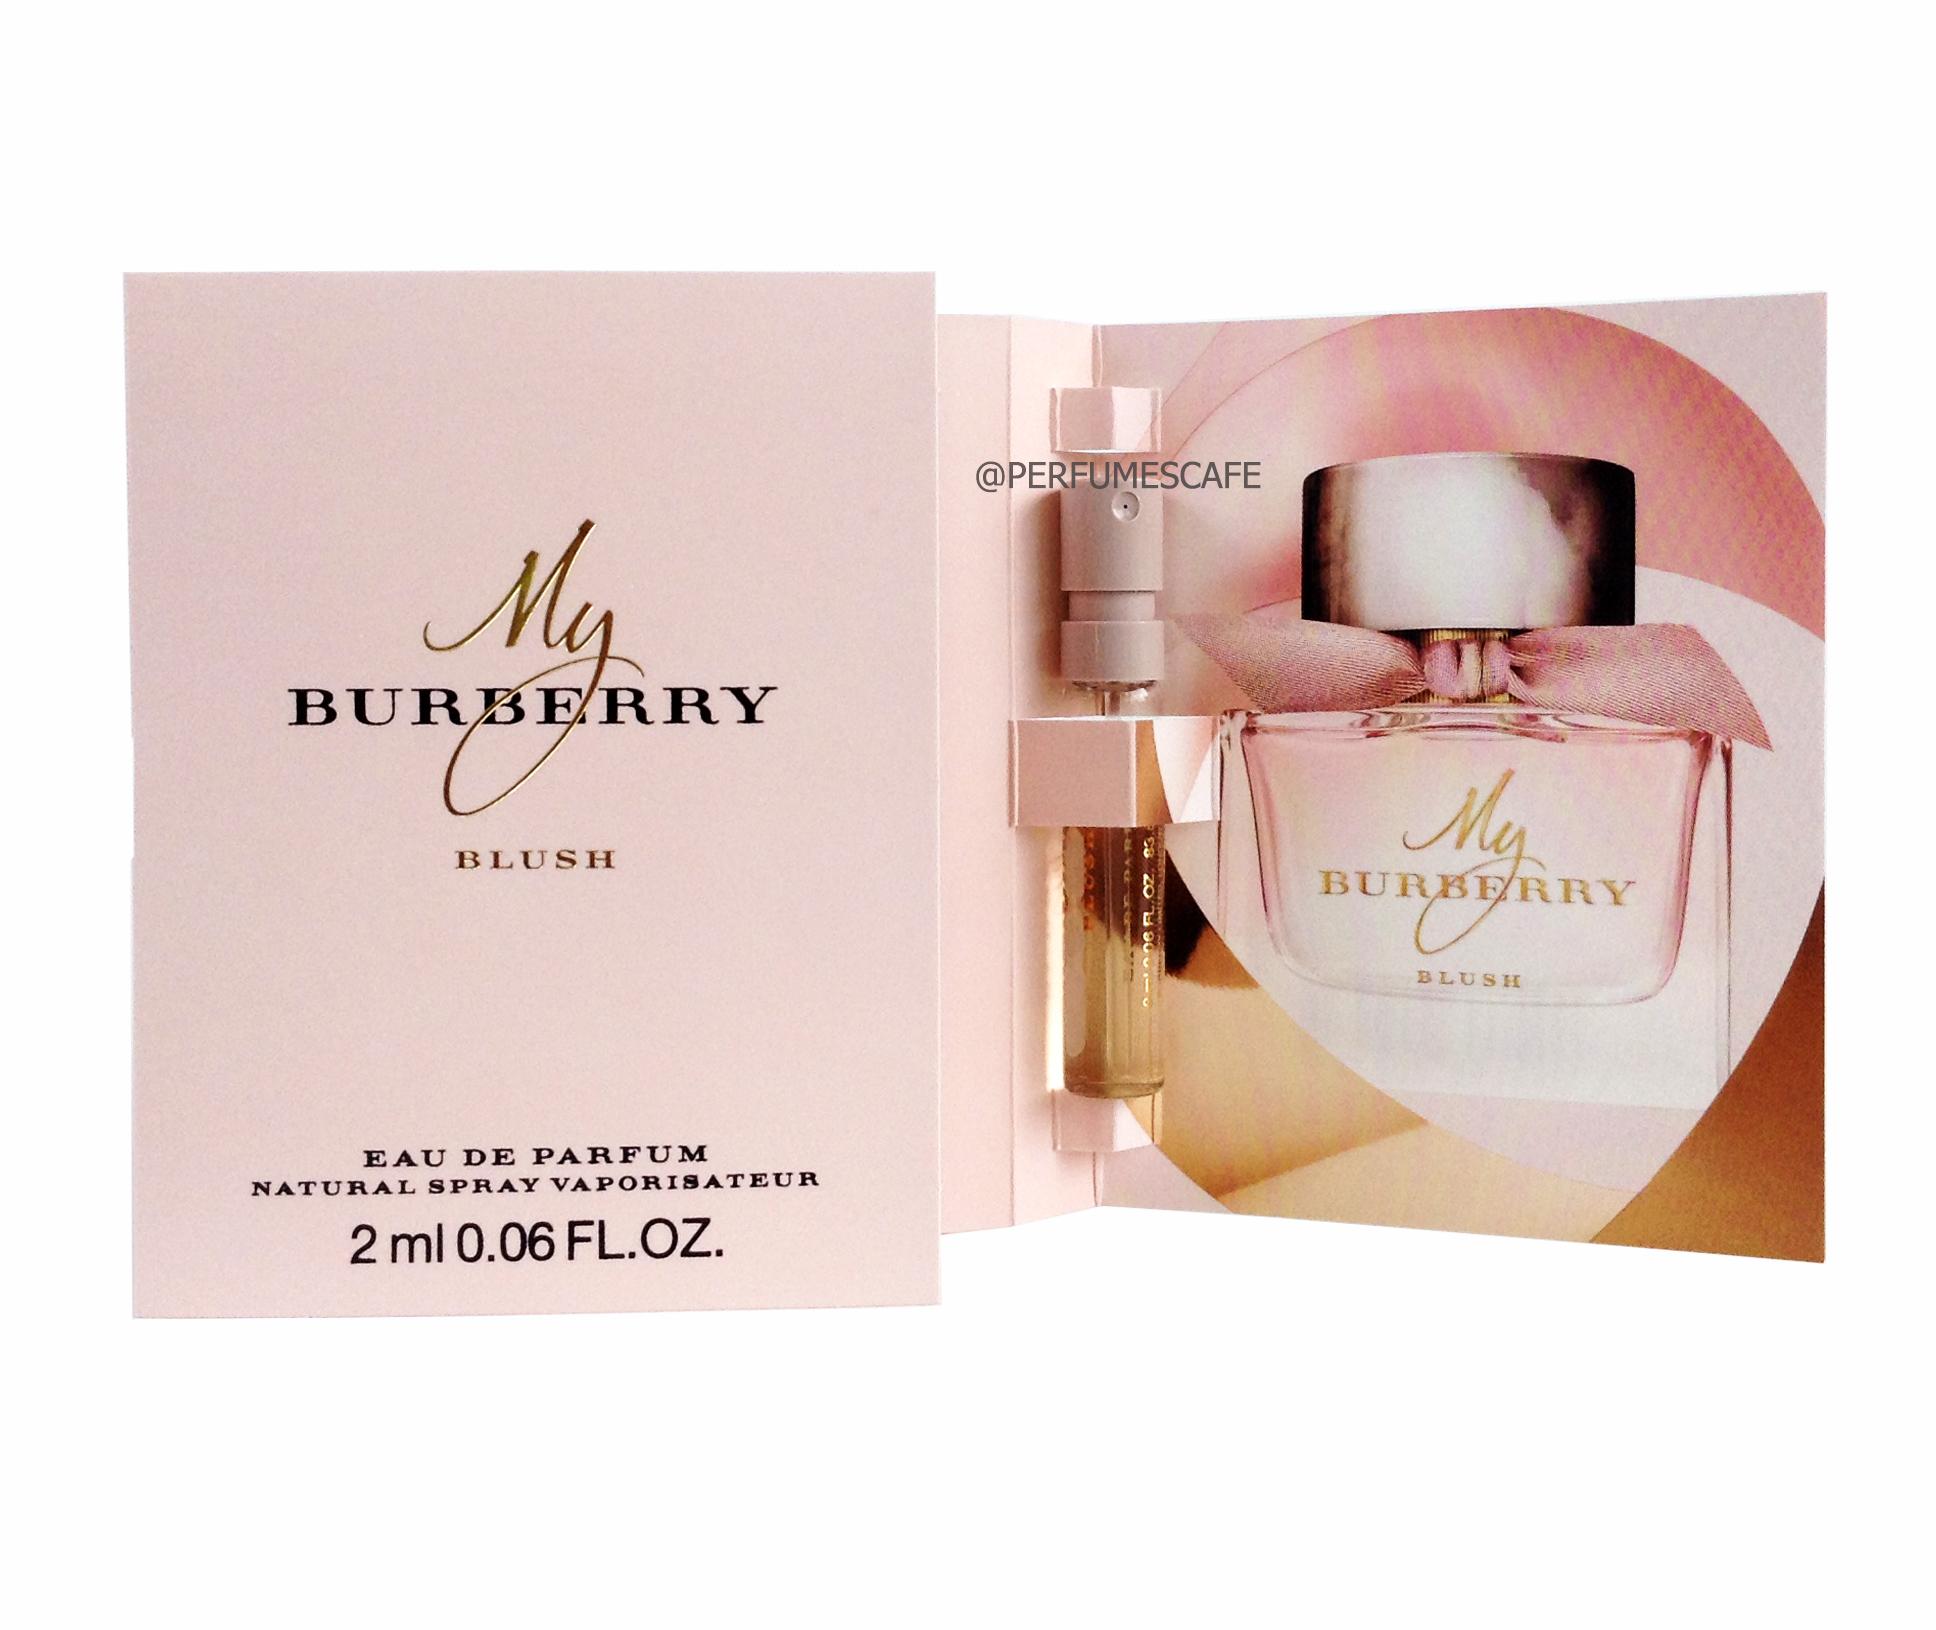 น้ำหอม My Burberry Blush Eau de Parfum ขนาดทดลอง 2ml